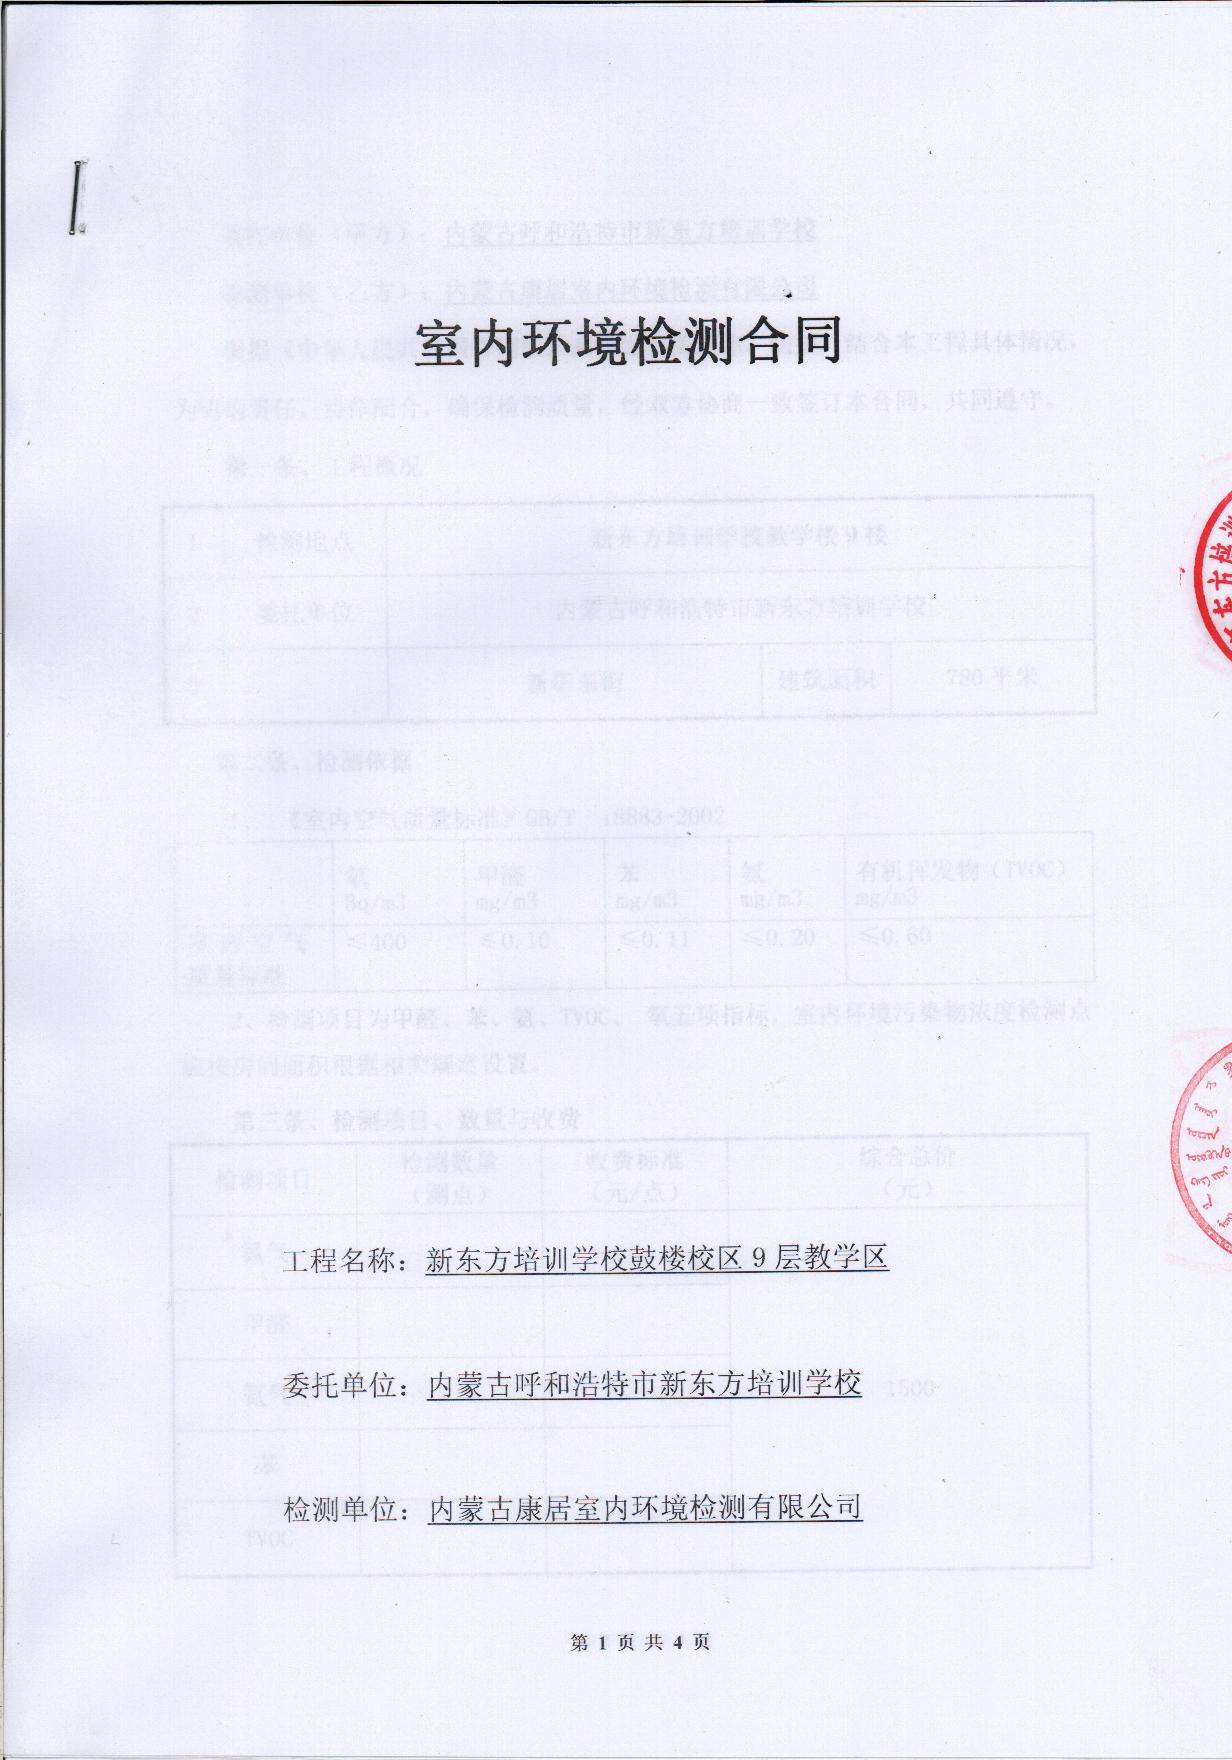 新东方培训学校鼓楼校区雷火app官网下载合同